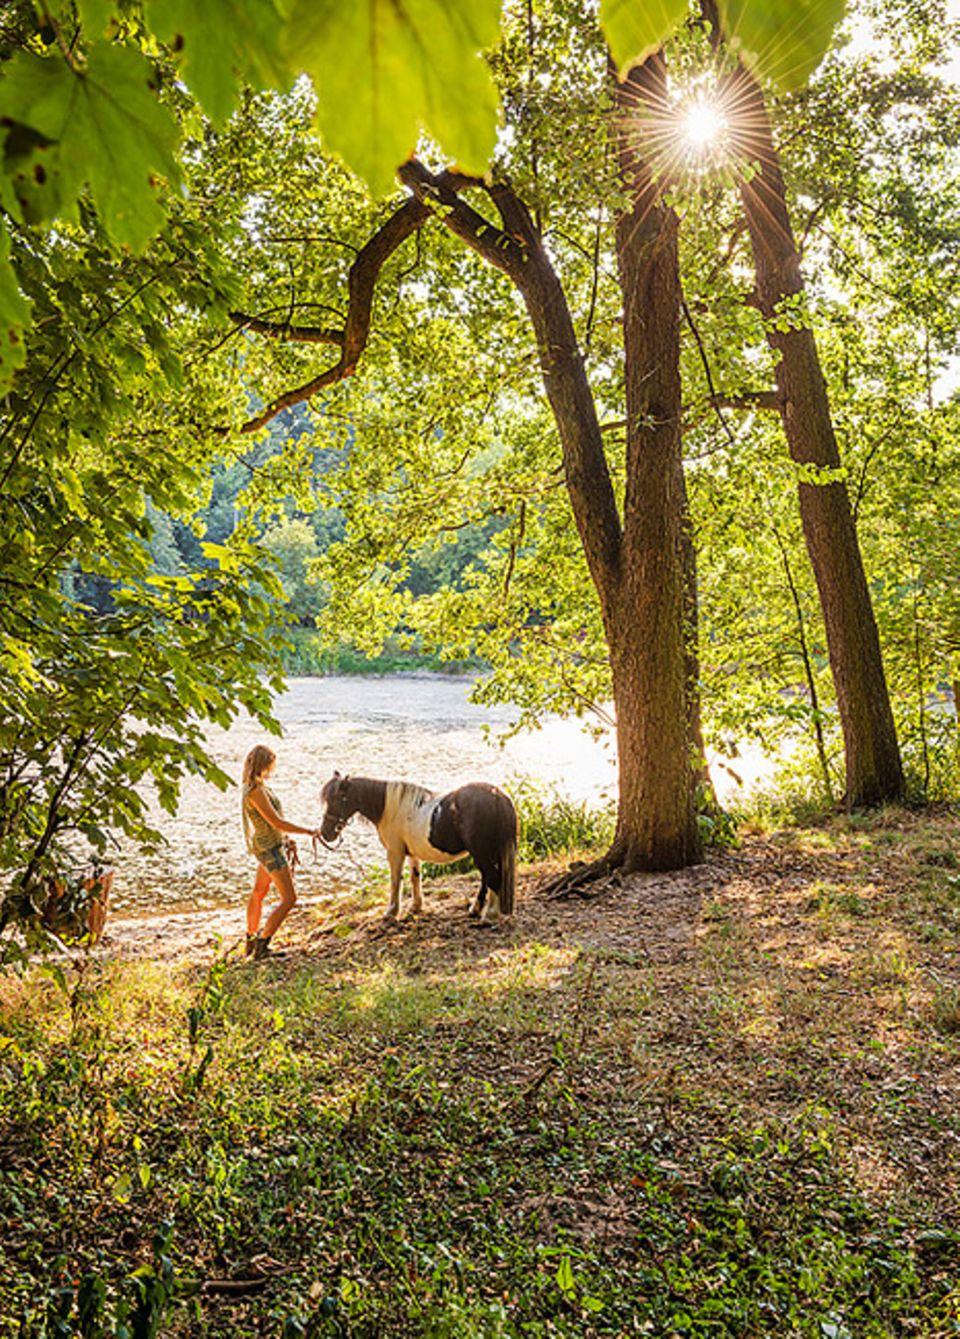 Reisetipps für Polen: Unter der Woche haben die Ponys in Barbarka ein wenig Freizeit. Der Wald gehört zum Naherholungsgebiet der Stadt